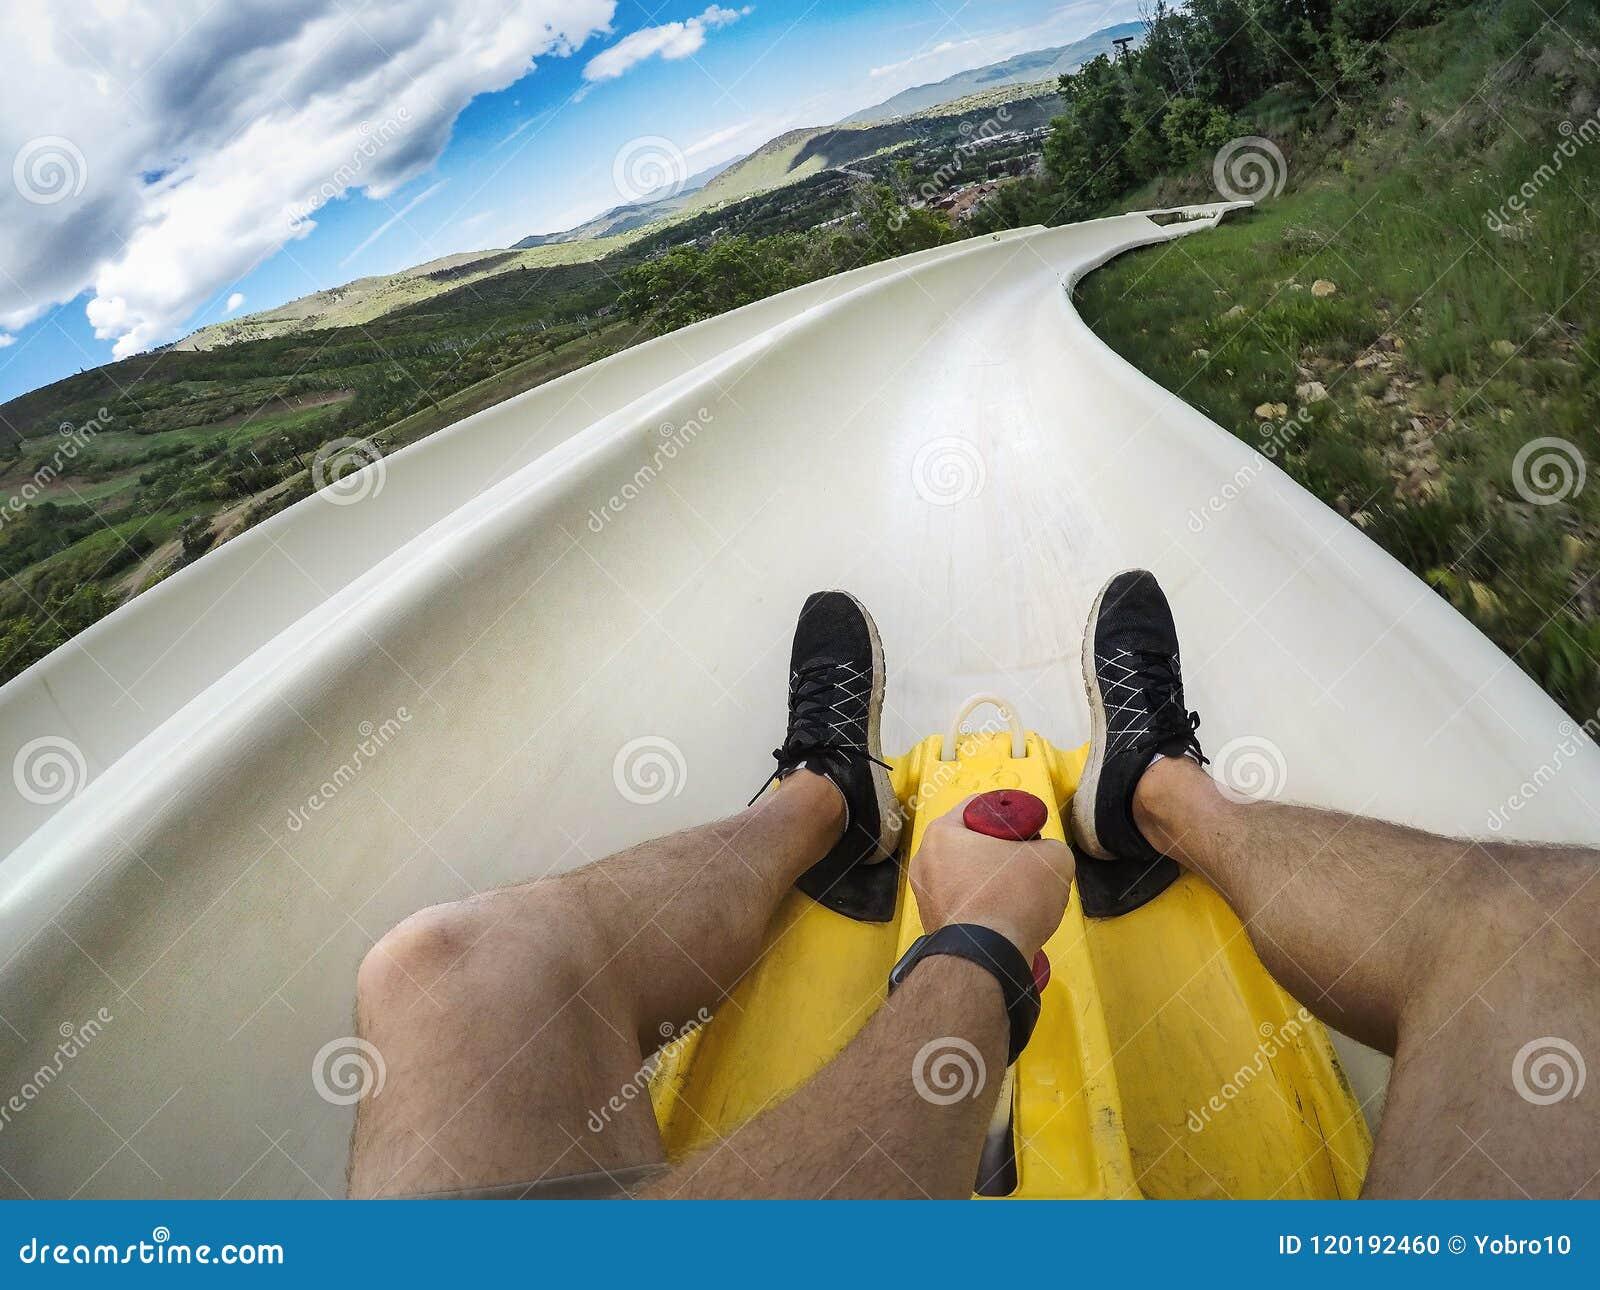 Φωτογραφία άποψης ενός ατόμου που οδηγά κάτω από μια προς τα κάτω αλπική φωτογραφική διαφάνεια ακτοφυλάκων σε διακοπές διασκέδαση